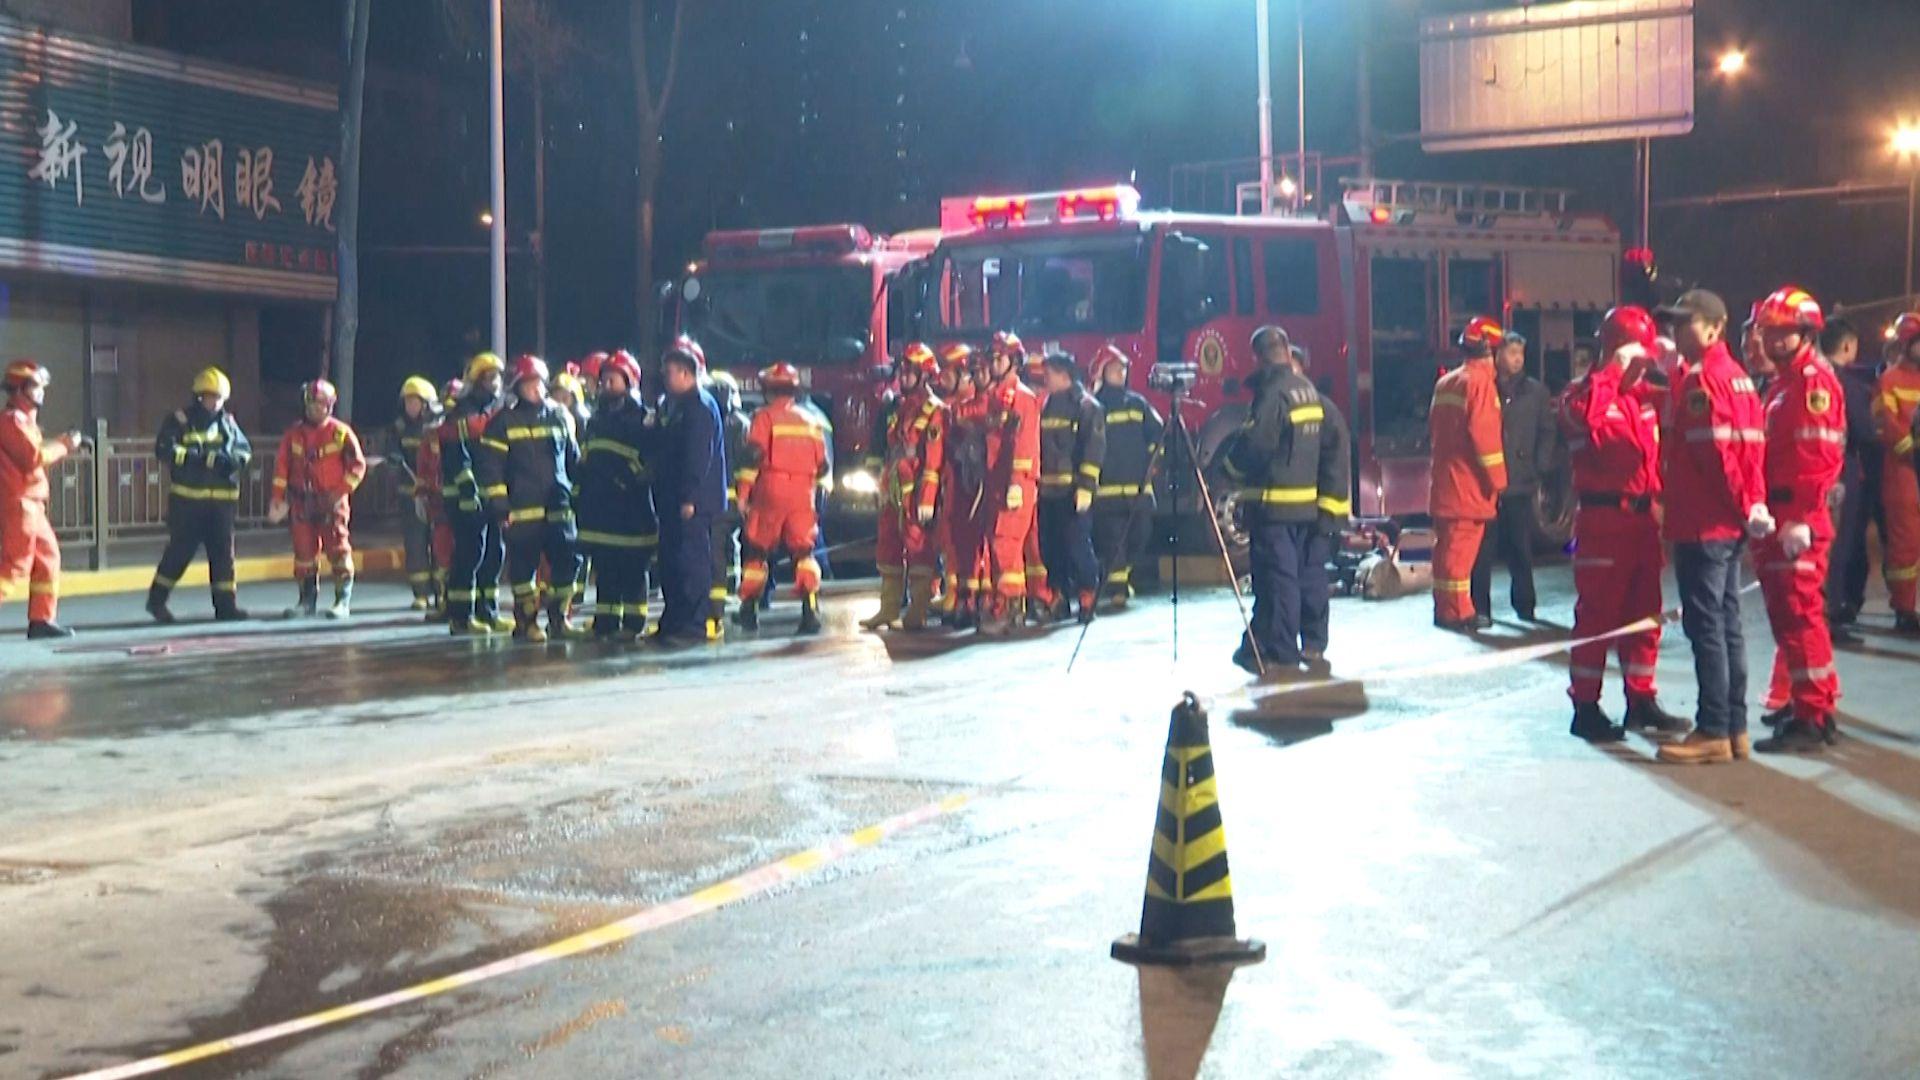 Unos 1,000 trabajadores de emergencia y 30 vehículos fueron enviados al sitio.